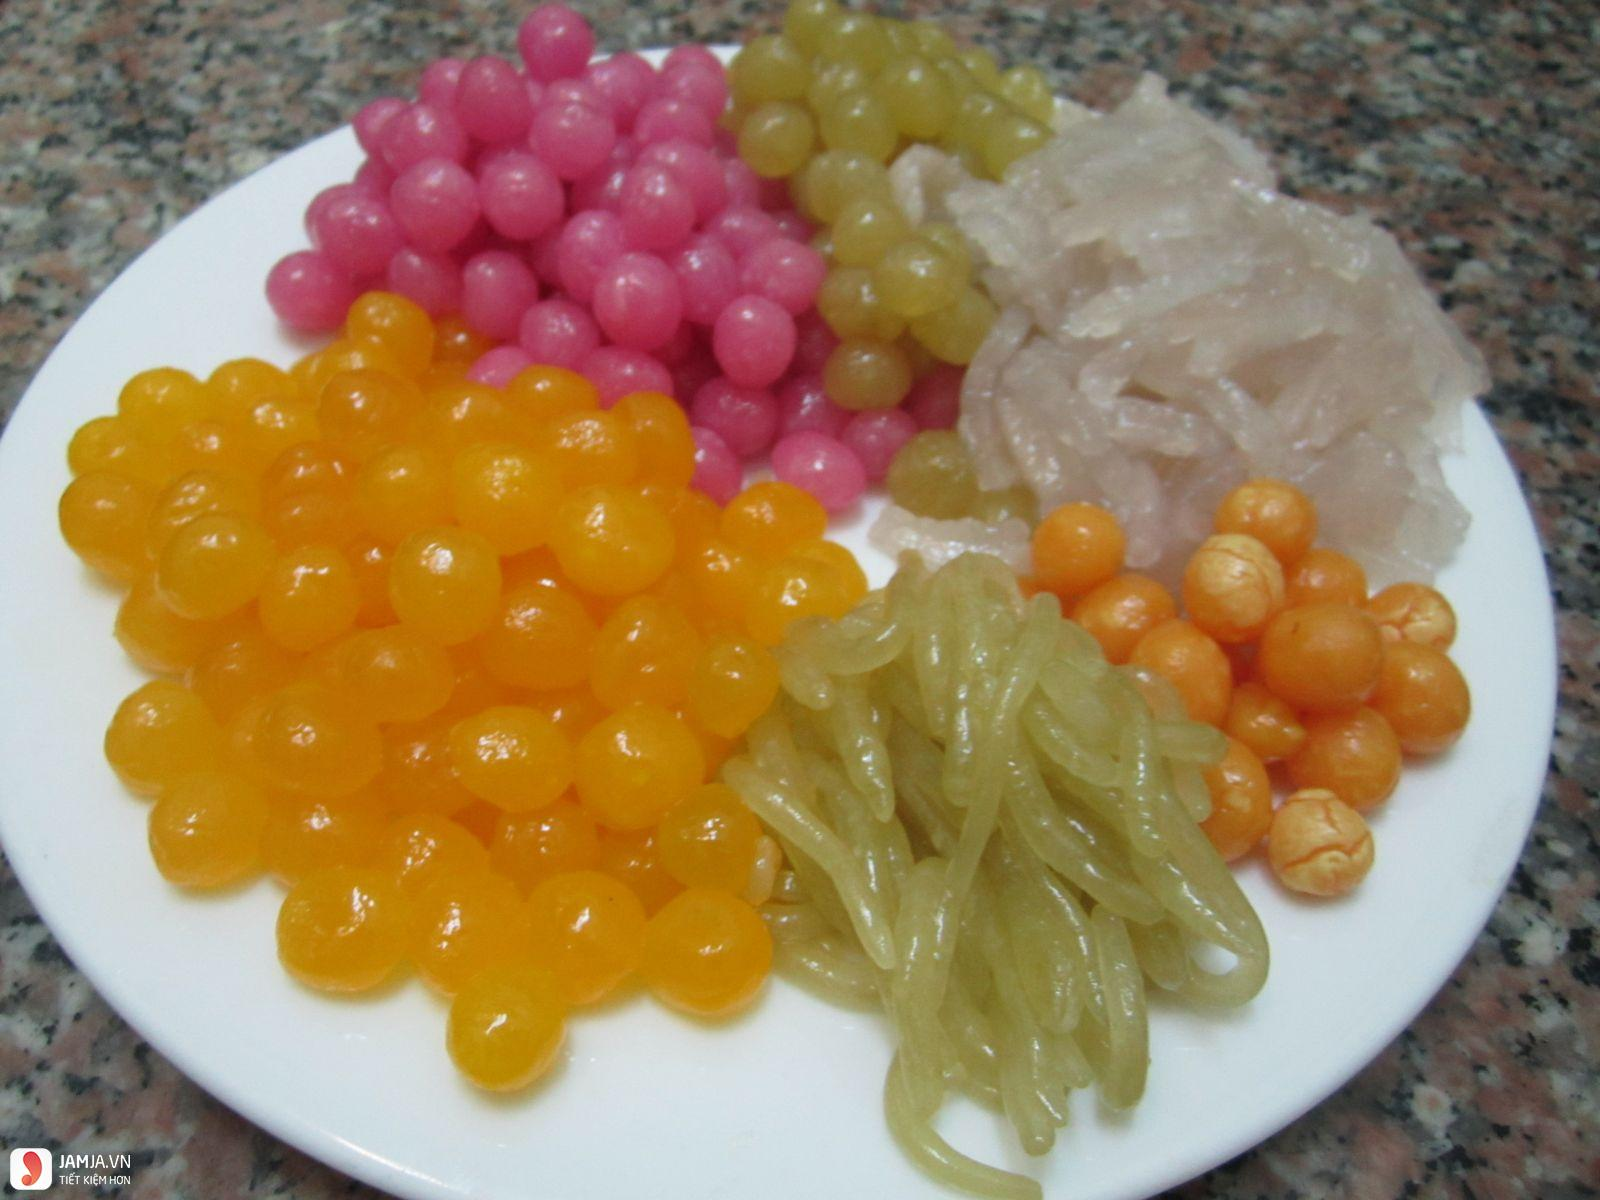 Cách bảo quản hạt trân châu